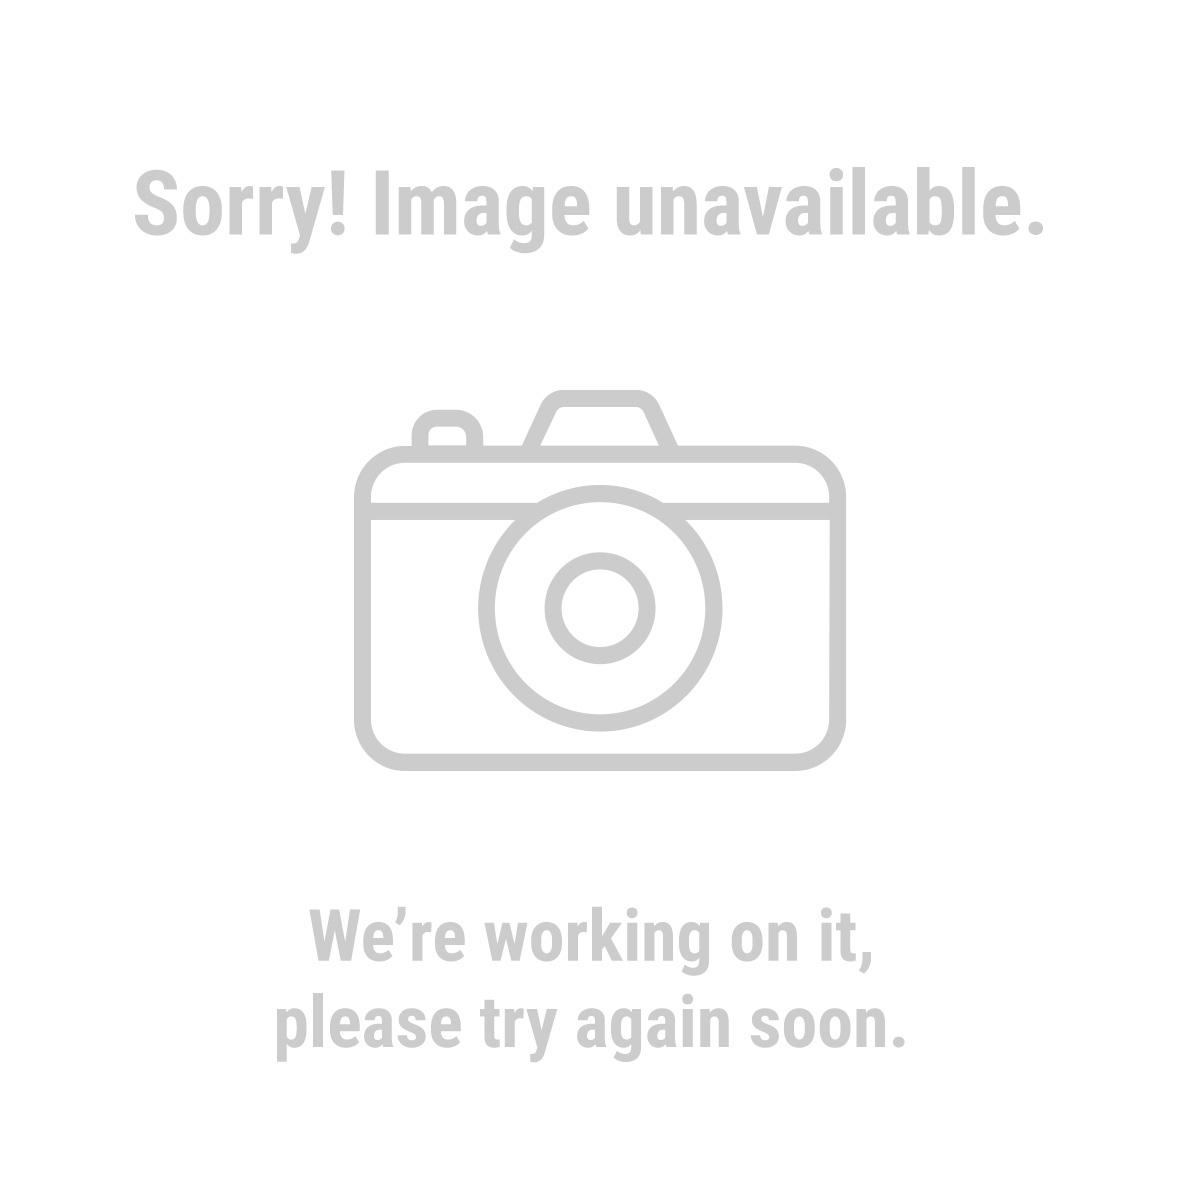 Portland Saw 60284 50 Piece 24 TPI HCS Hacksaw Blades